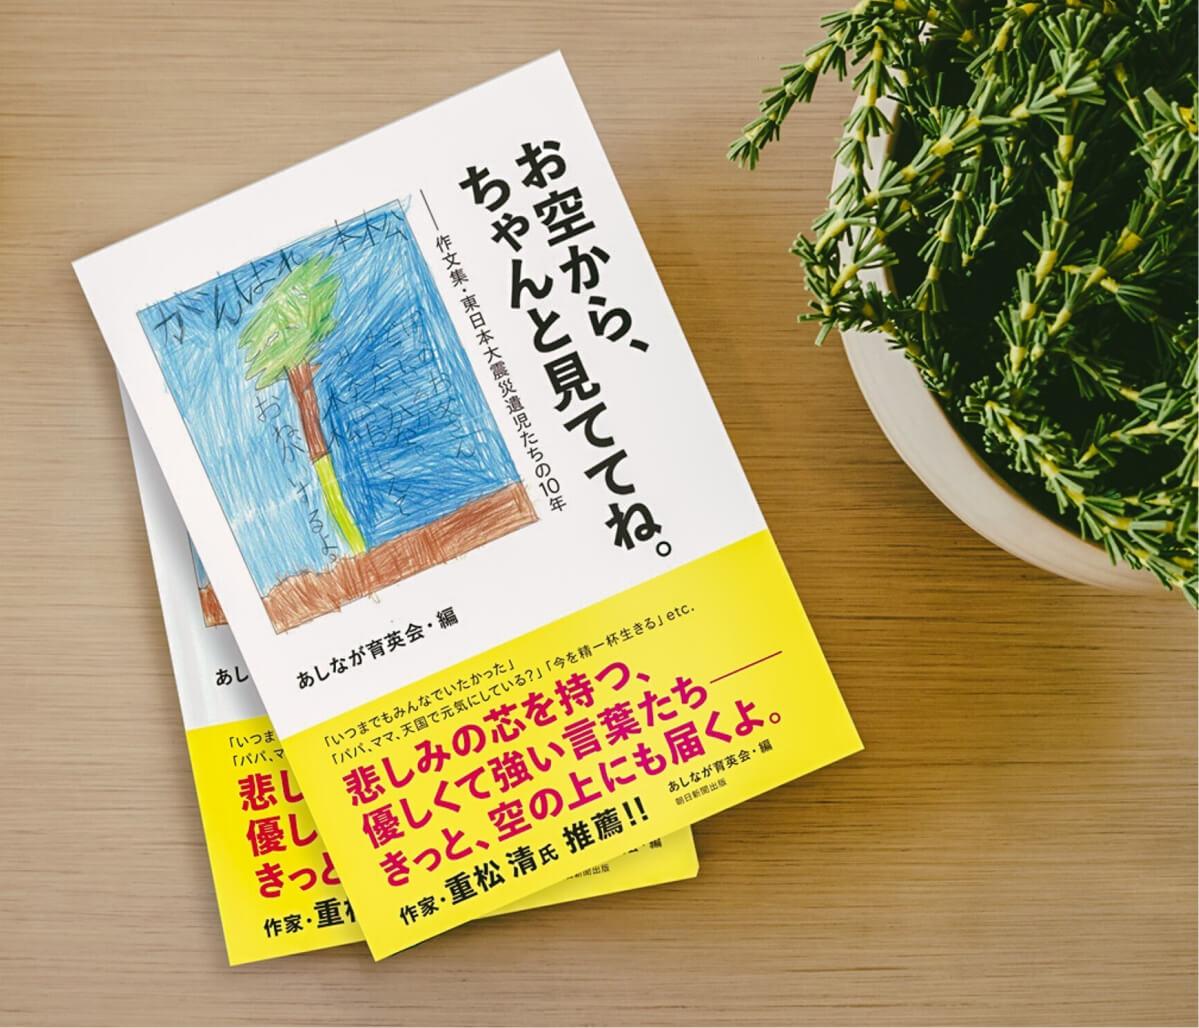 東日本大震災遺児支援事業